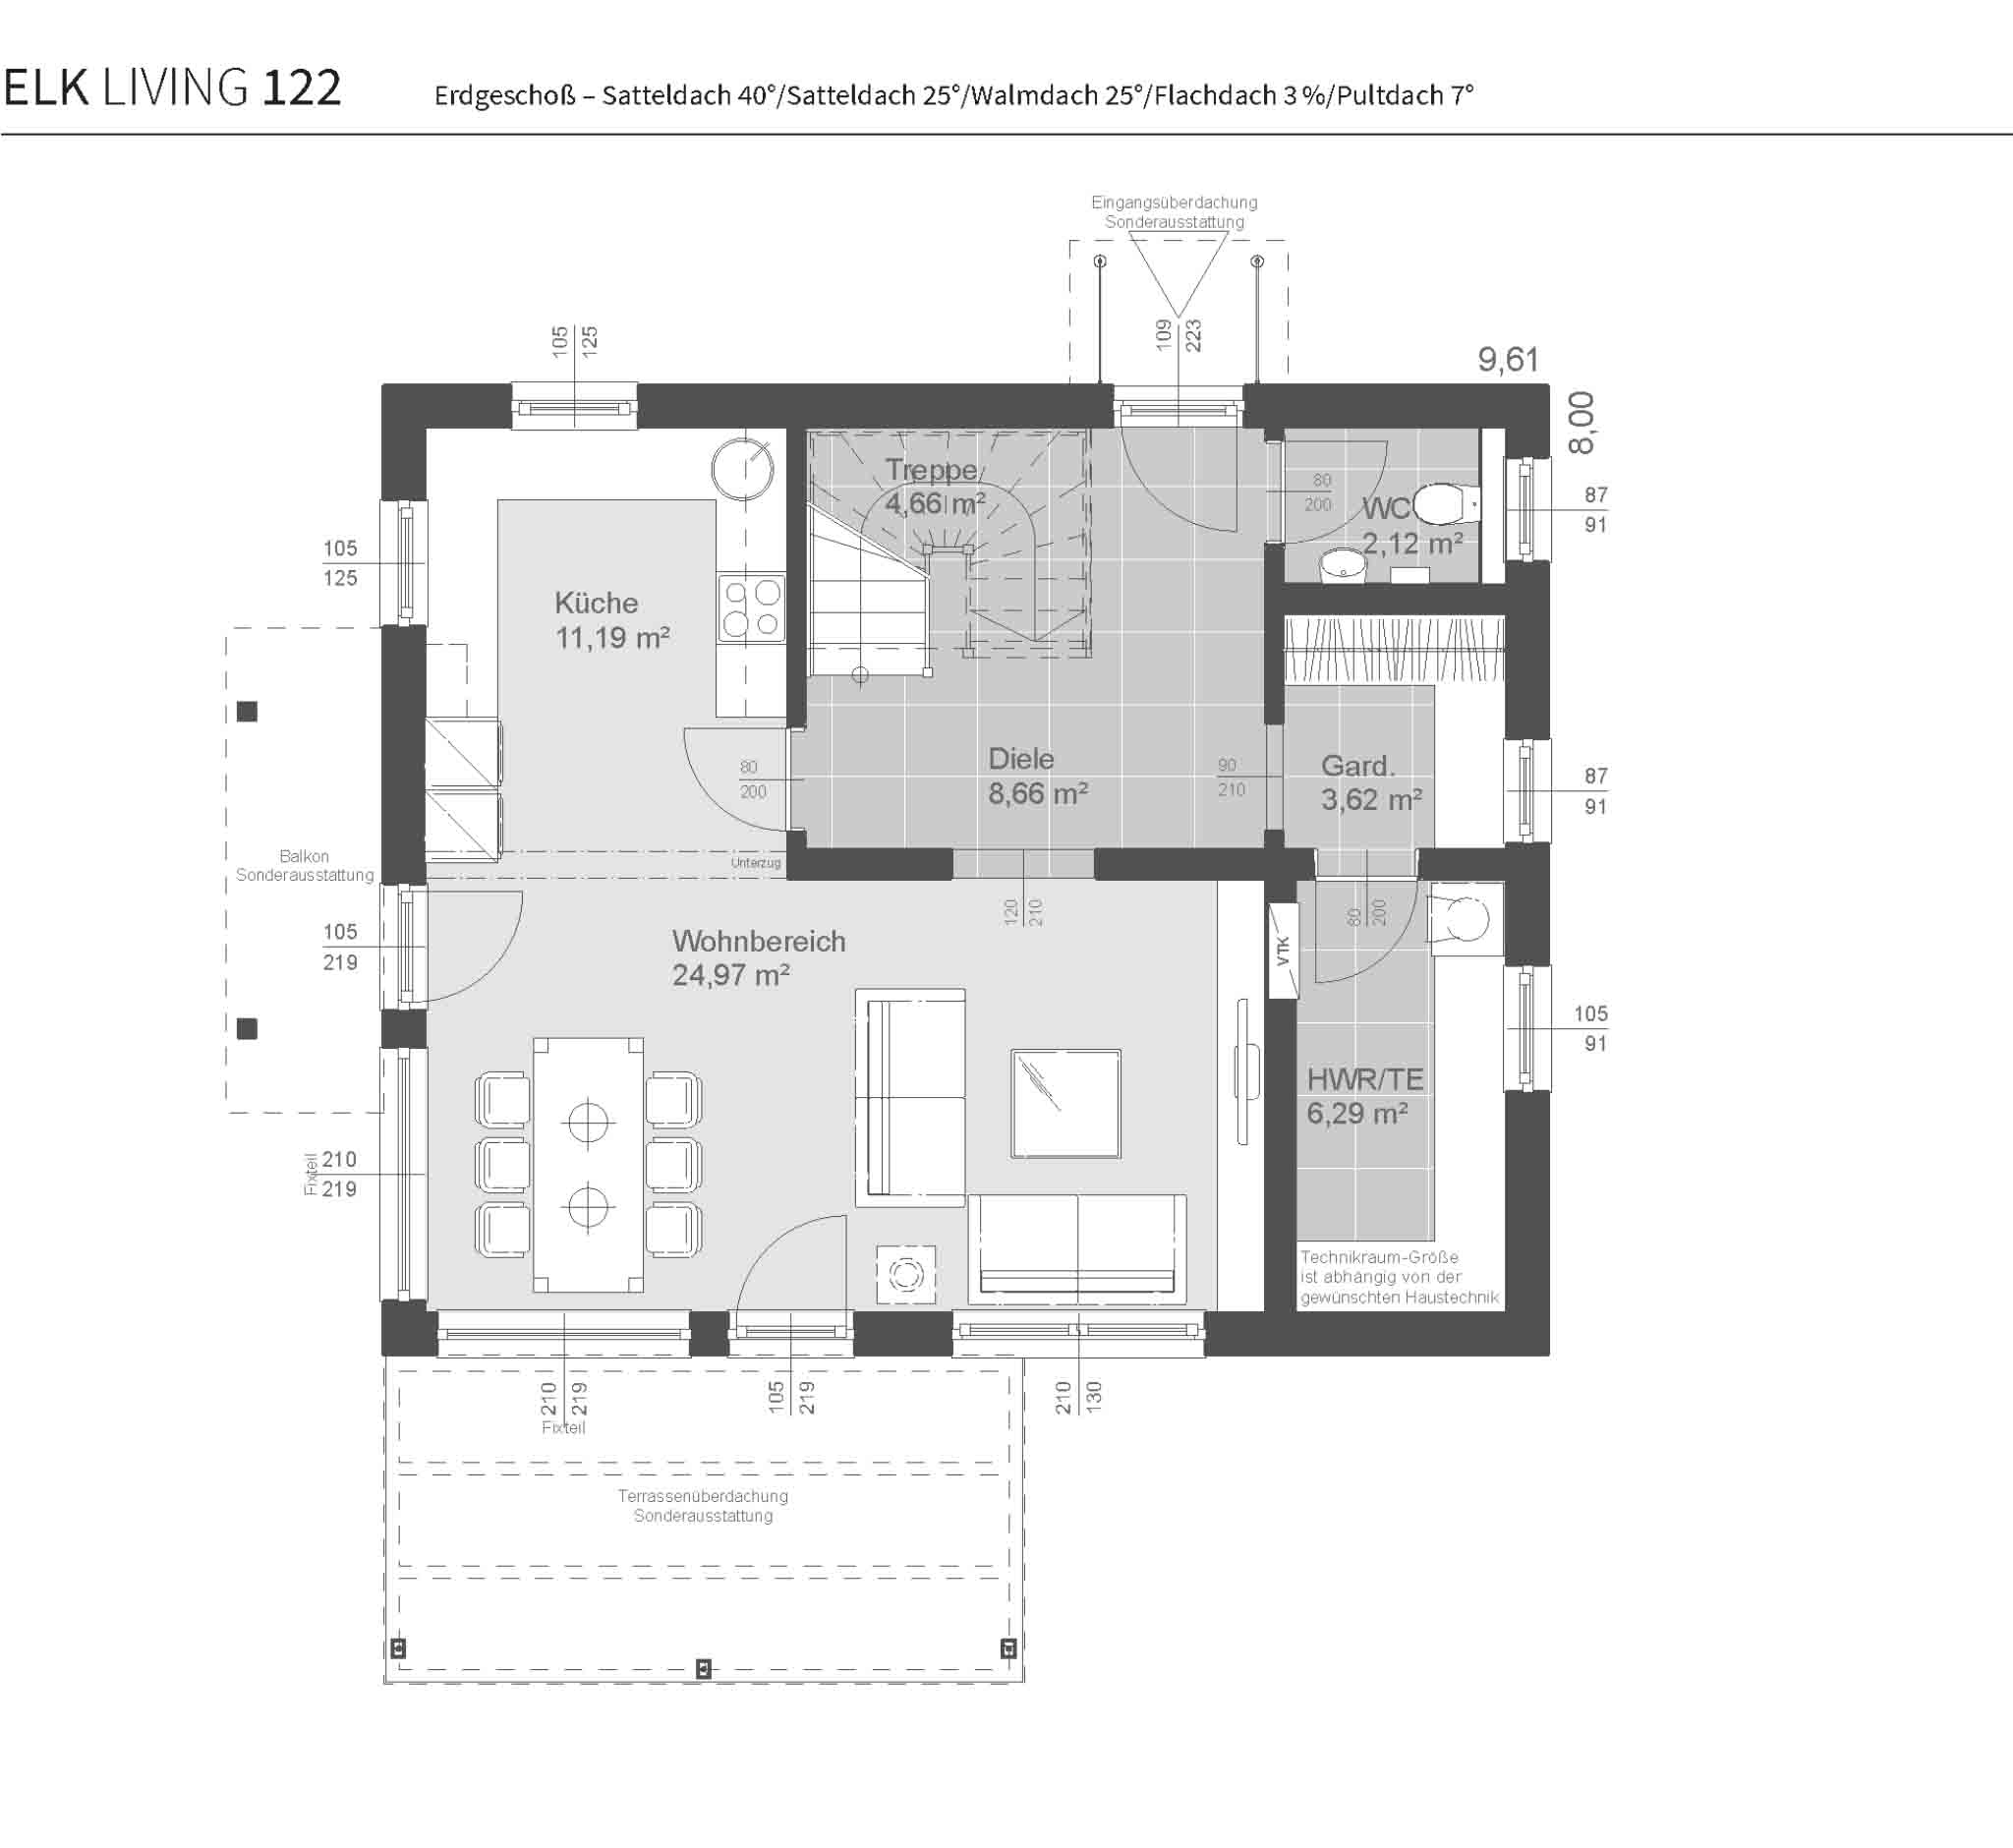 grundriss-fertighaus-elk-living-122-erdgeschoss-satteldach40-satteldach25-walmdach25-flachdach3-pultdach7_1